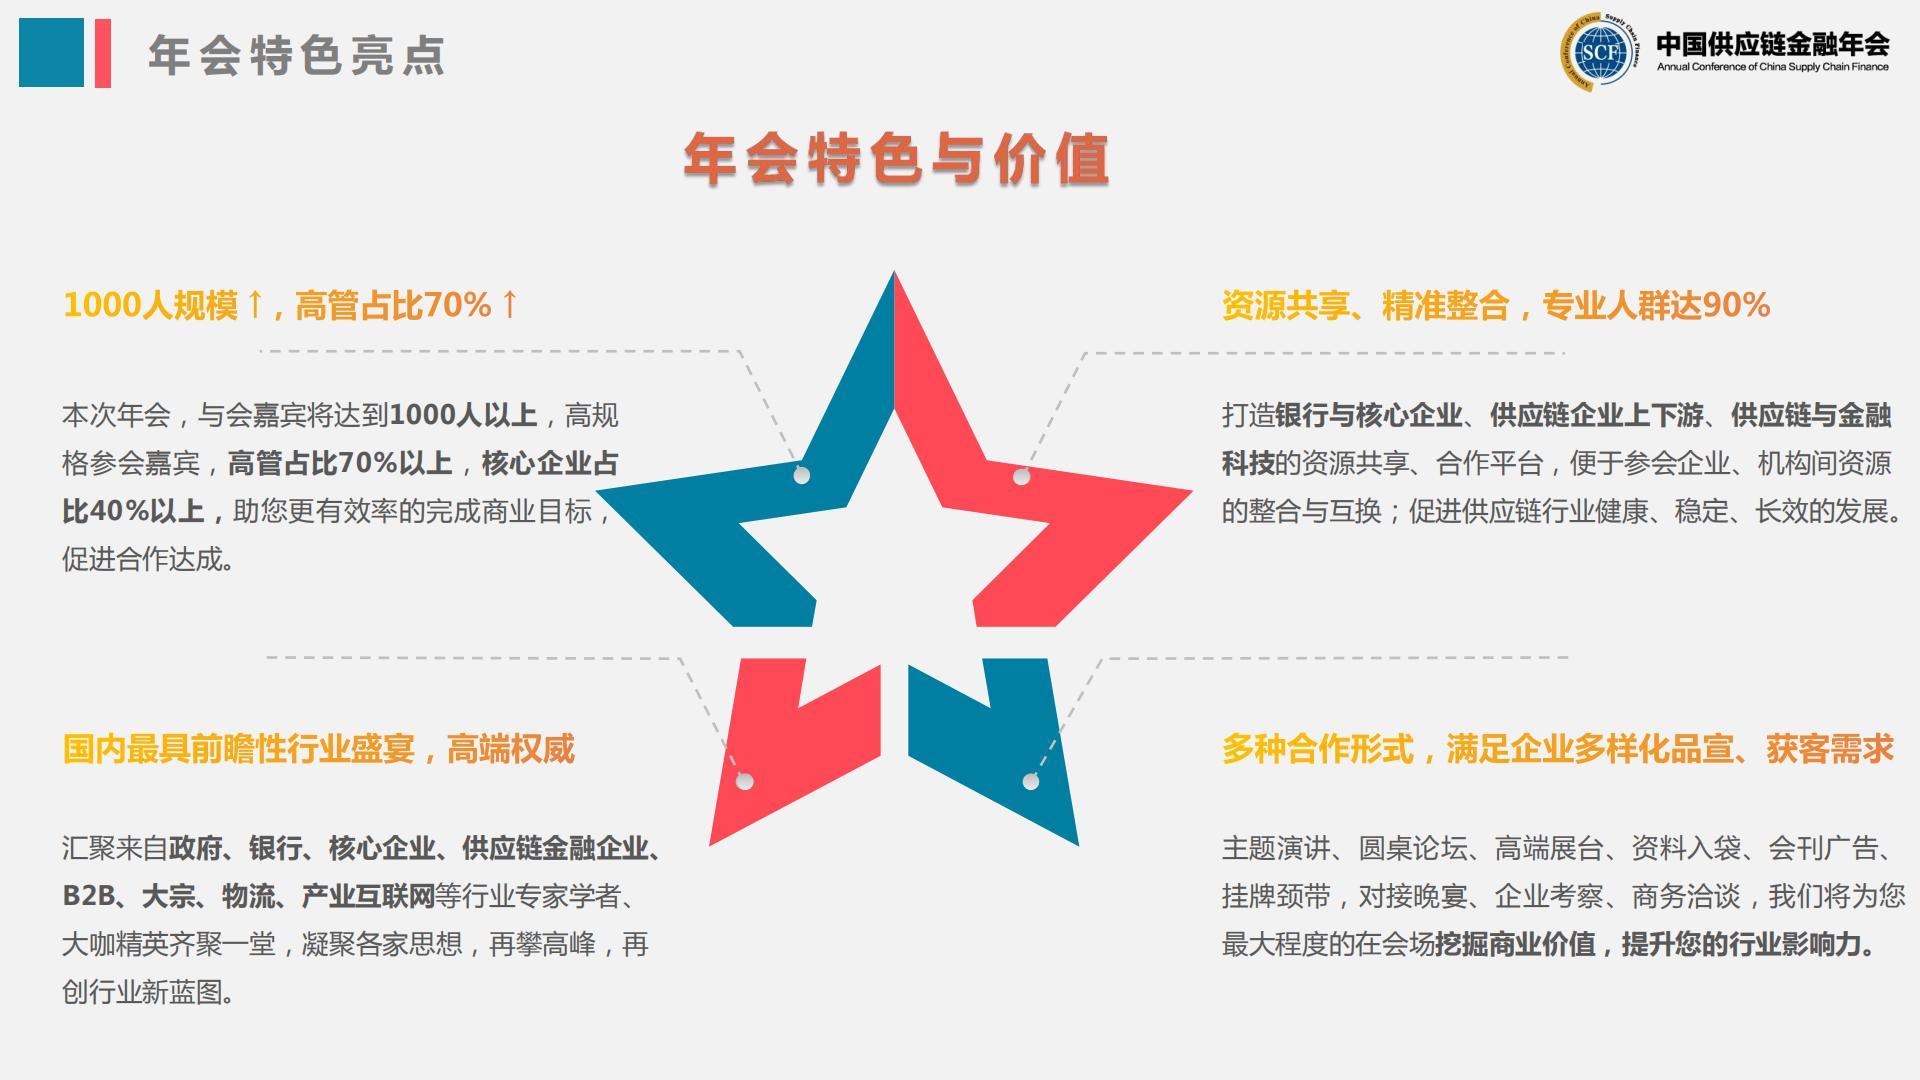 2021第五届中国供应链金融年会